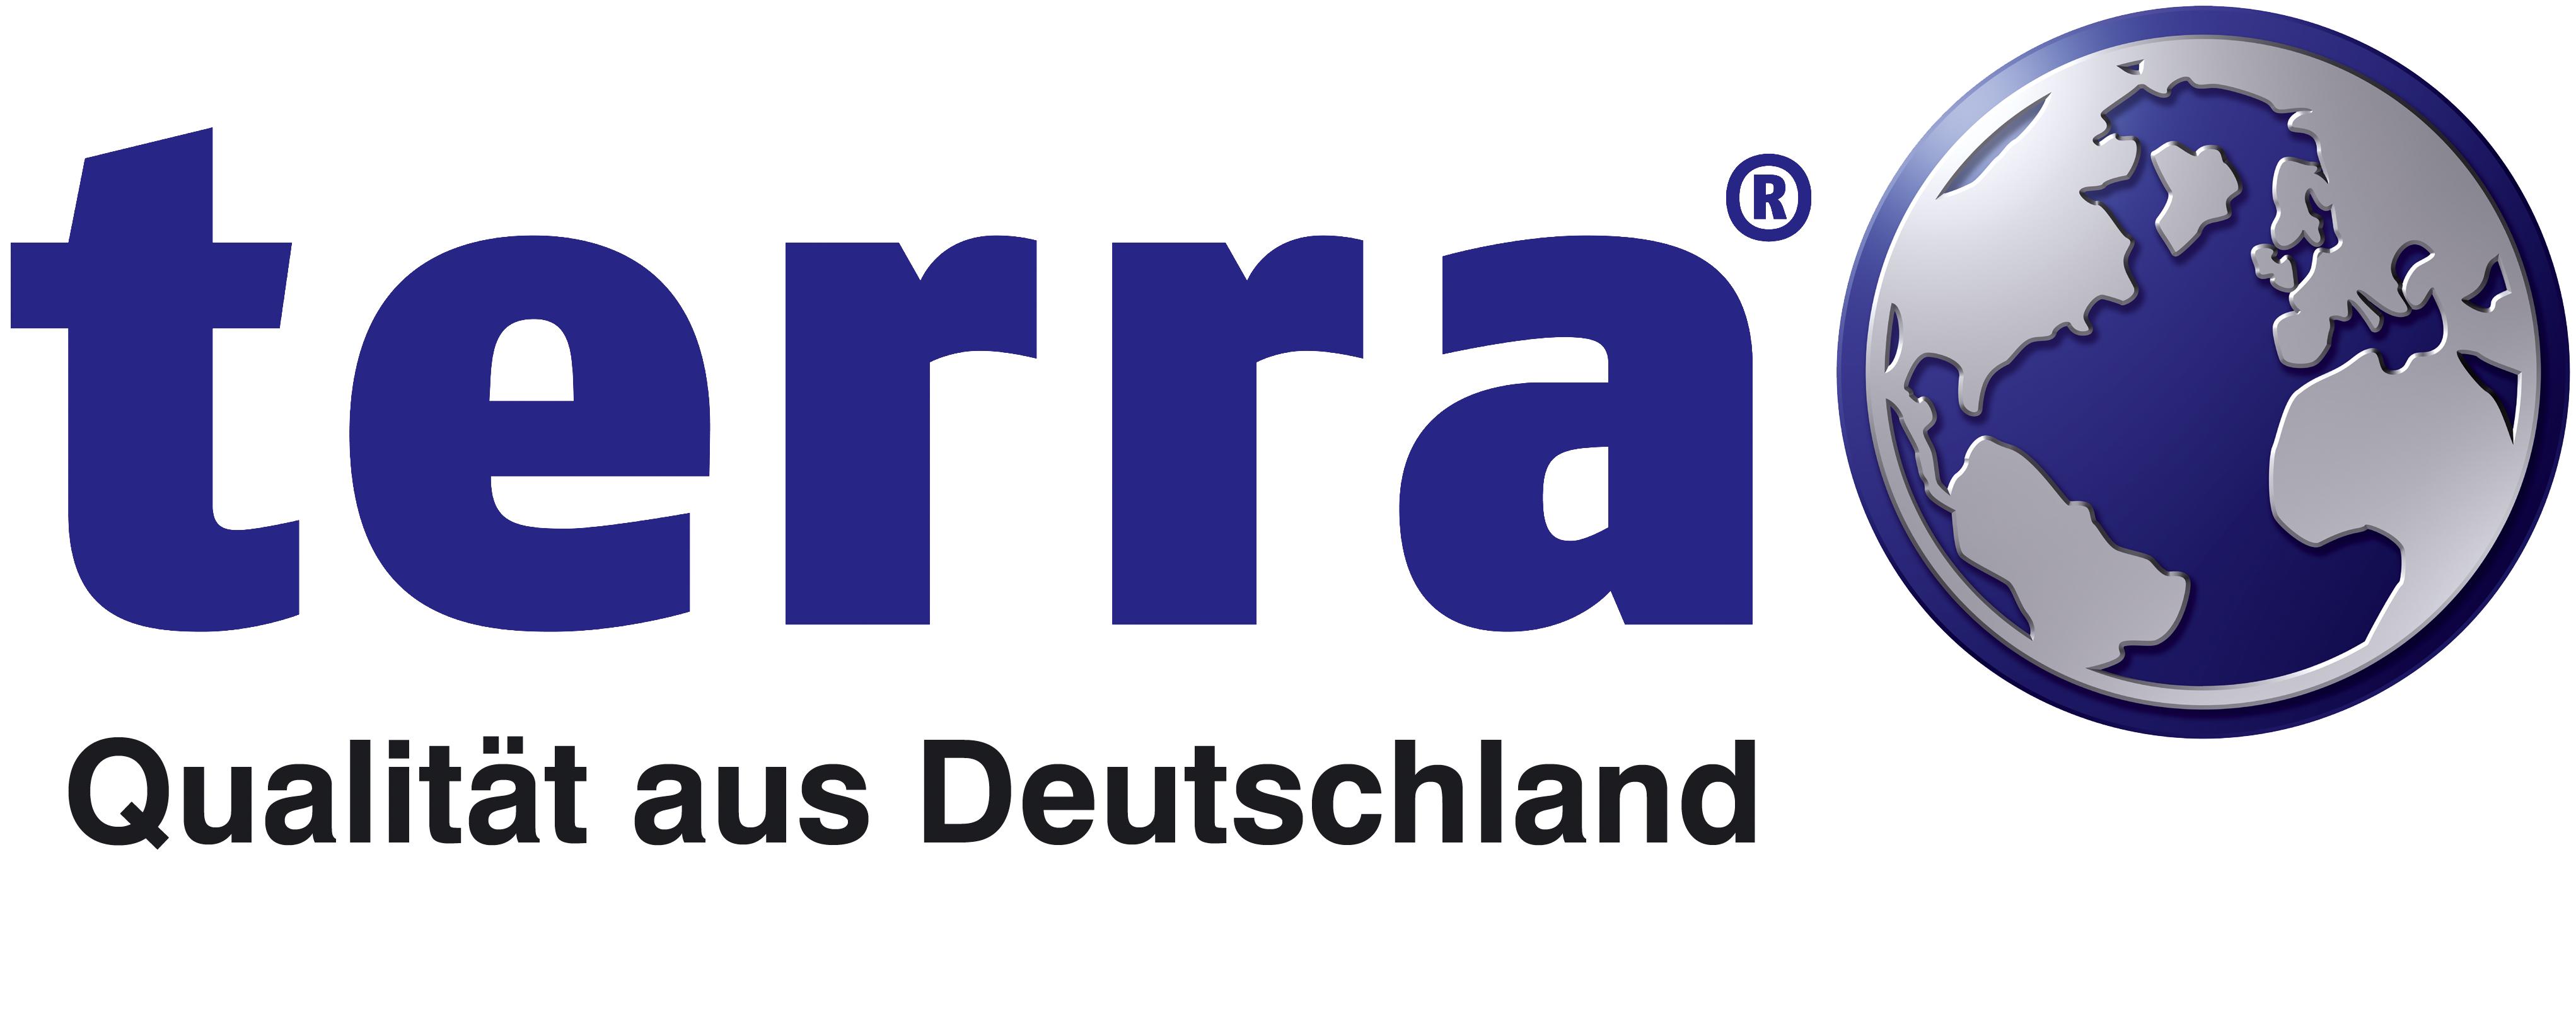 TERRA%20Logo%20Qualitaet%20aus%20Deutschland_blau%203D%20rgb.png